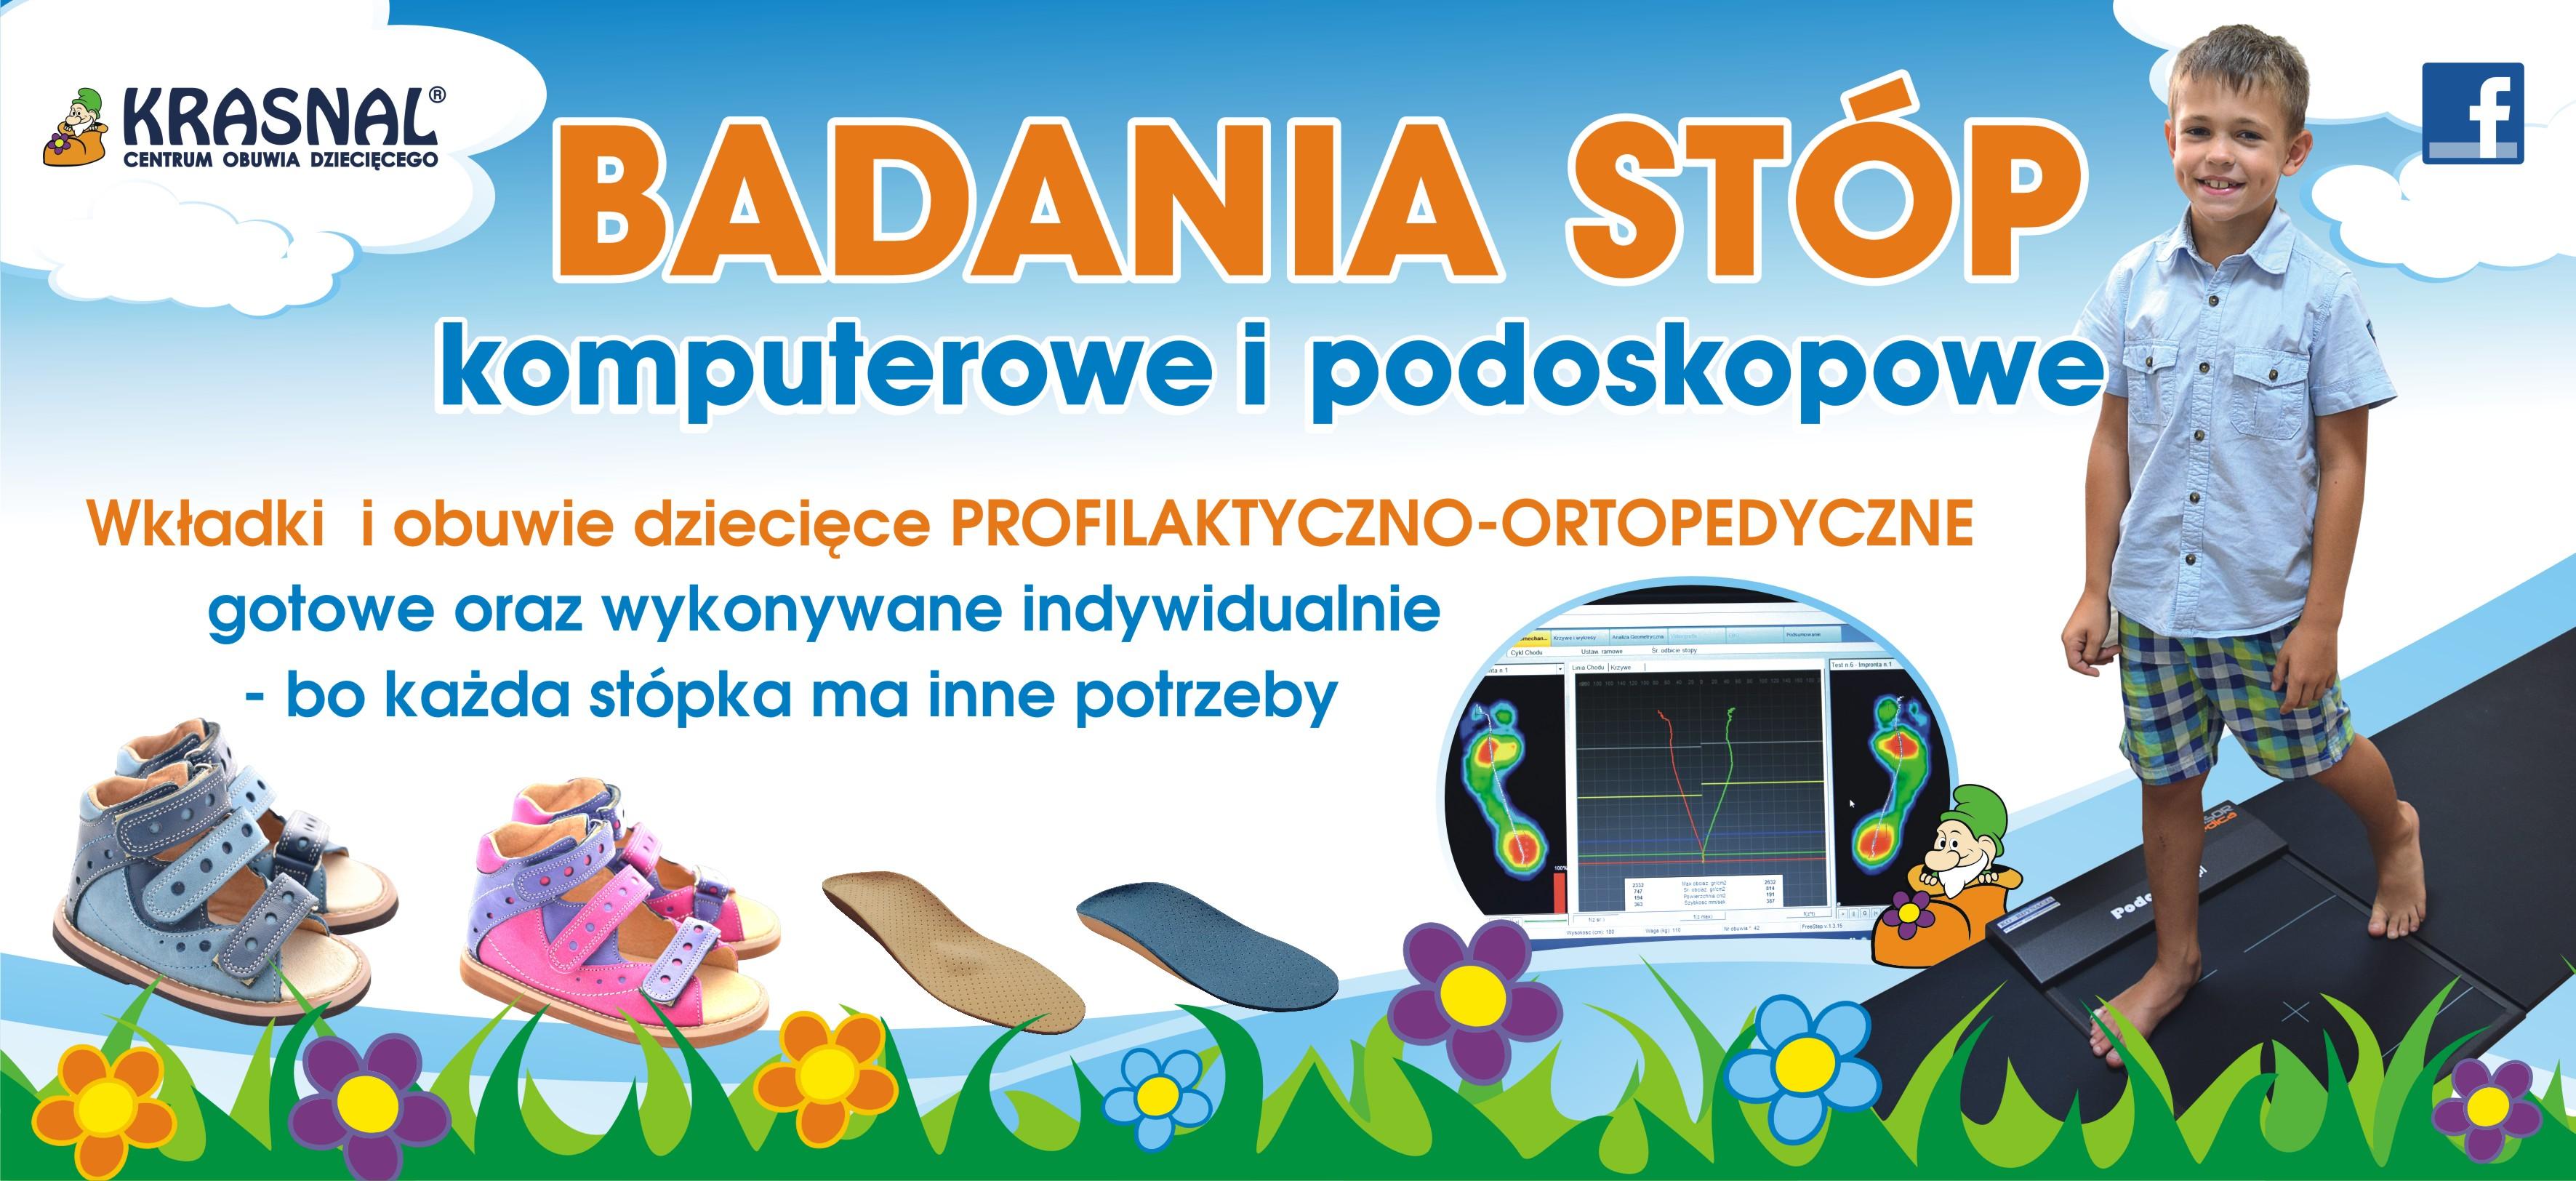 e8660e9ba51fc0 Buty dla dzieci Bydgoszcz   Centrum Obuwia Dziecięcego KRASNAL Bydgoszcz to  polskie buty, kapcie, trampki, baletki... obuwie profilaktyczne, ...